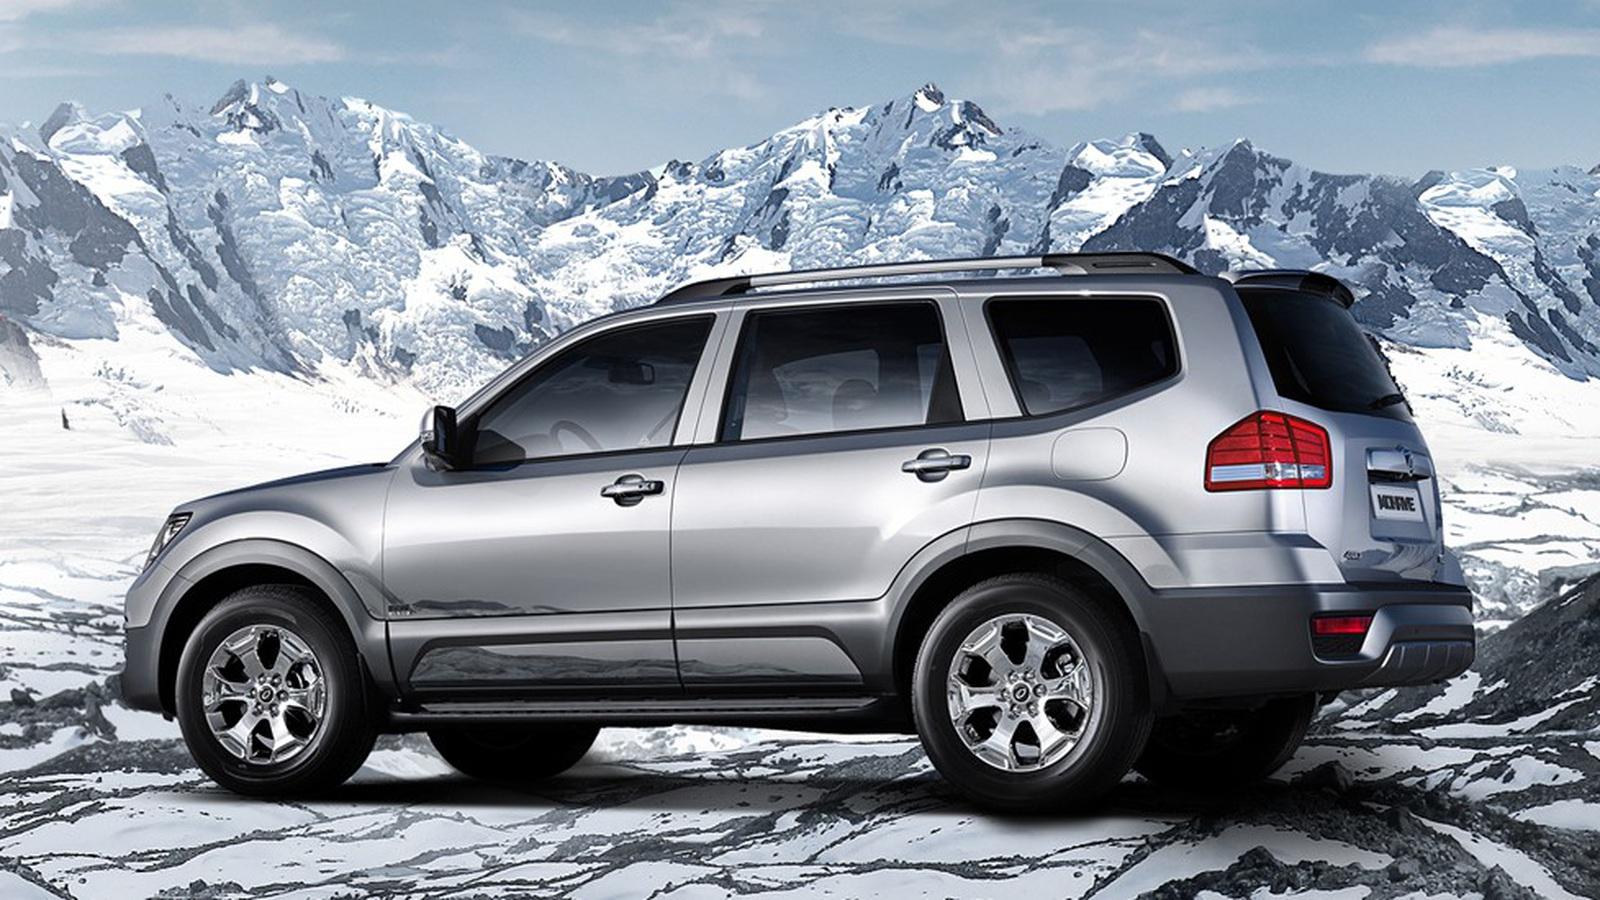 Улучшенный вседорожный автомобиль Киа Mohave появится в РФ весной